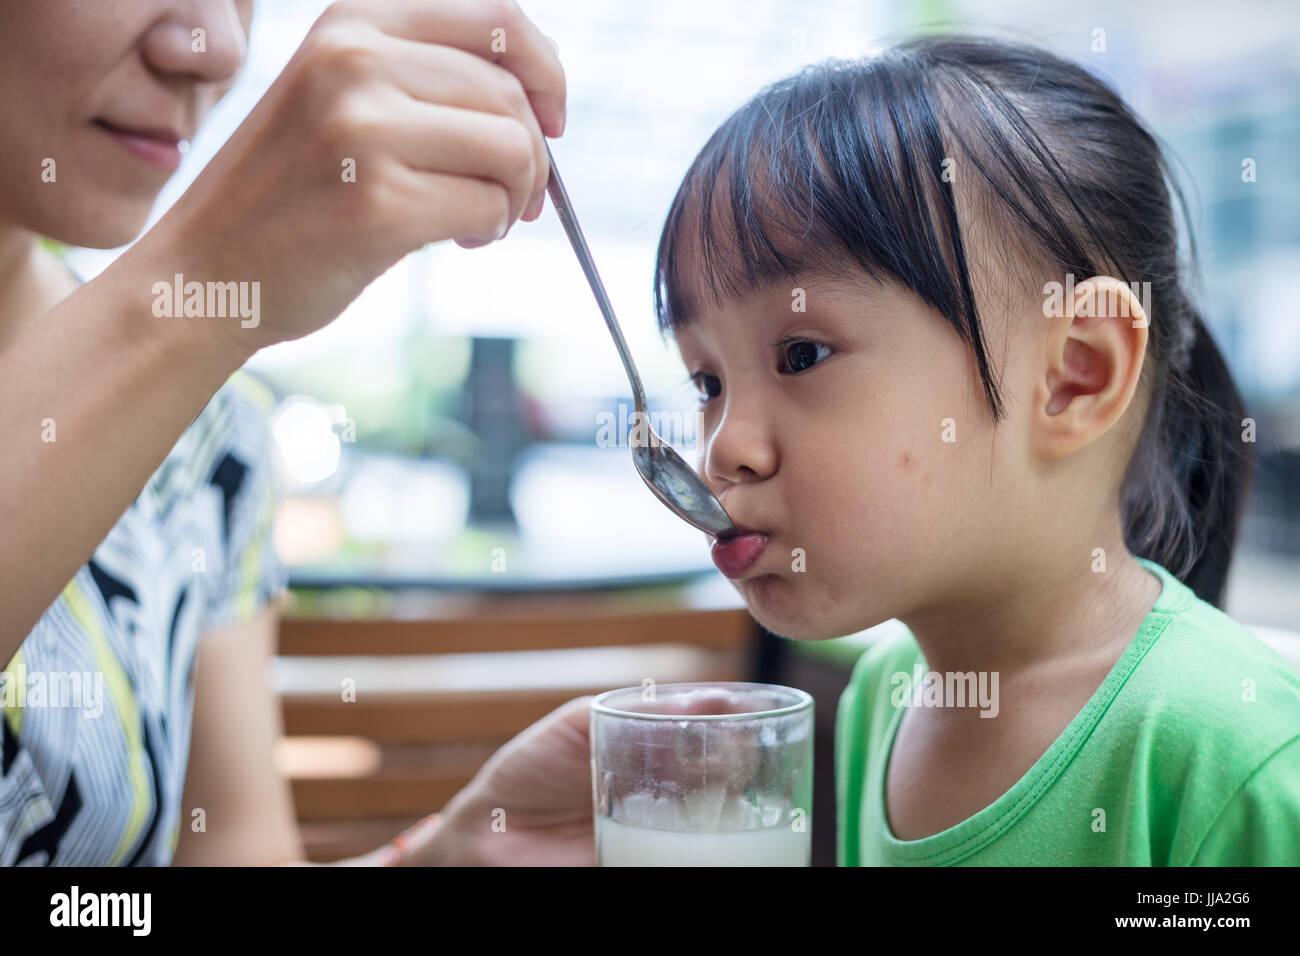 Chino Asia niña beber bebida en el restaurante al aire libre Imagen De Stock